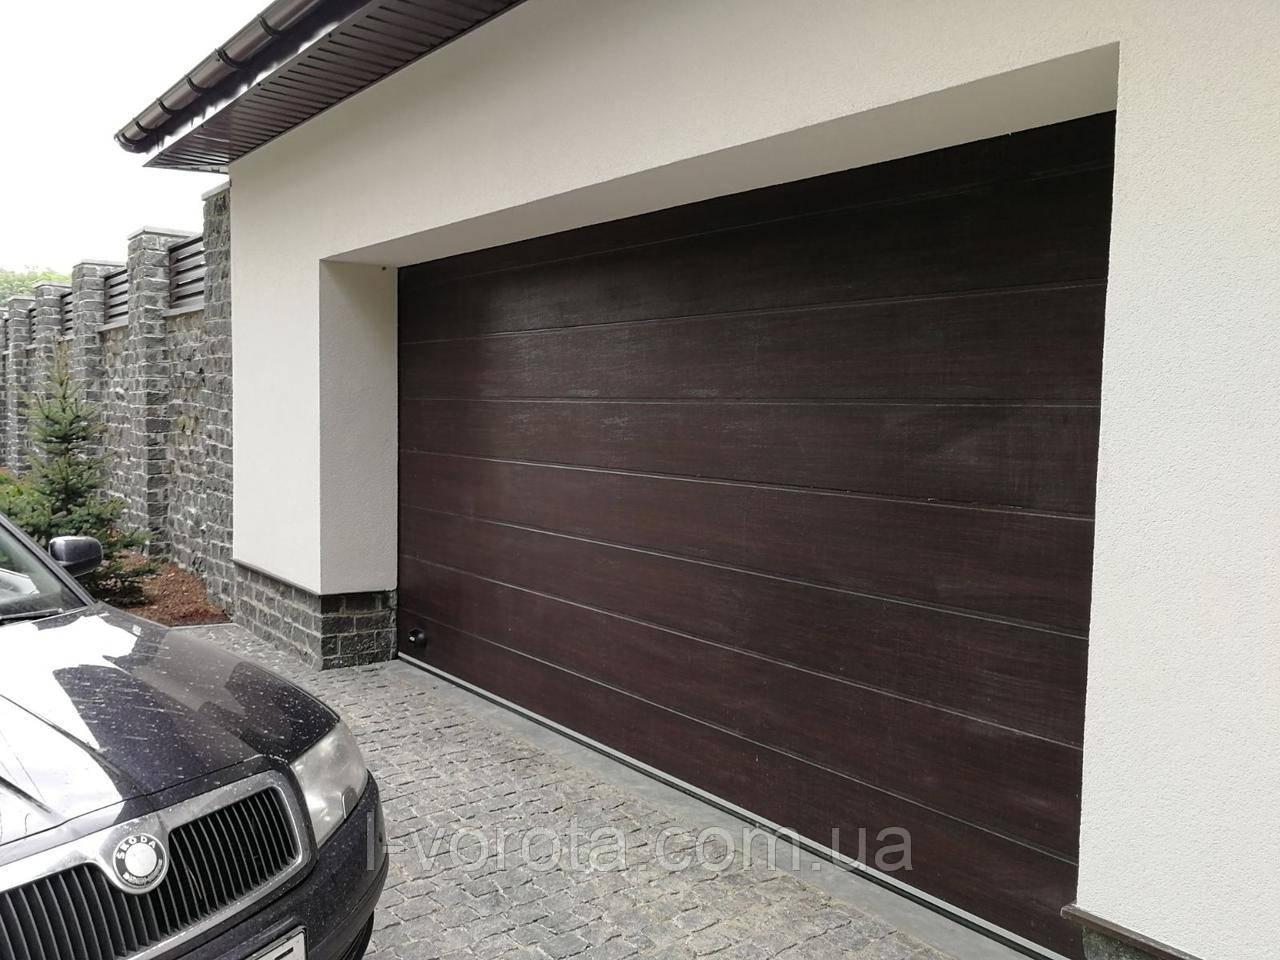 Автоматические гаражные ворота DoorHan ш3500мм, в2200мм (автоматика в комплекте)